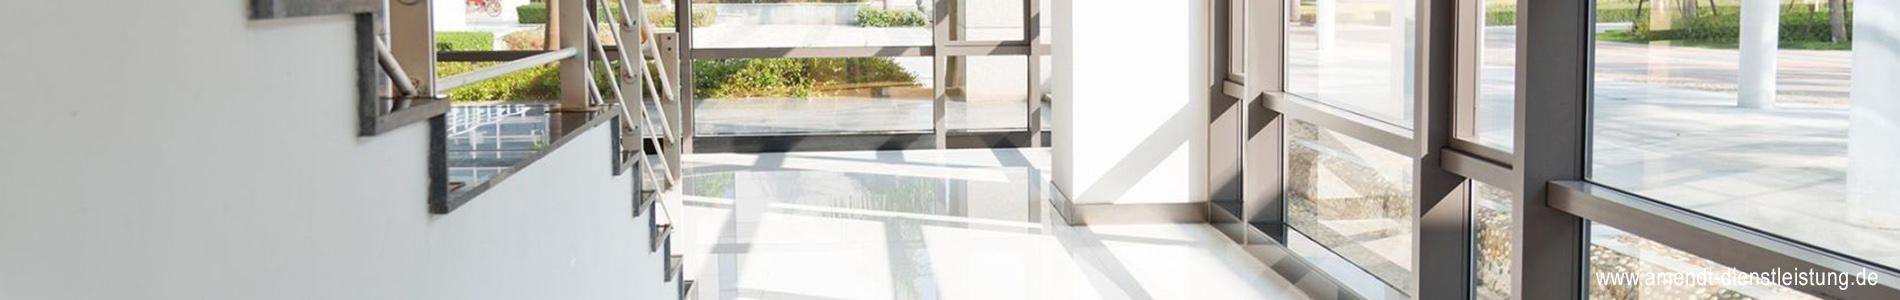 Treppenhausreinigung Münster, Amendt Dienstleistungsservice, Gebäudereinigung